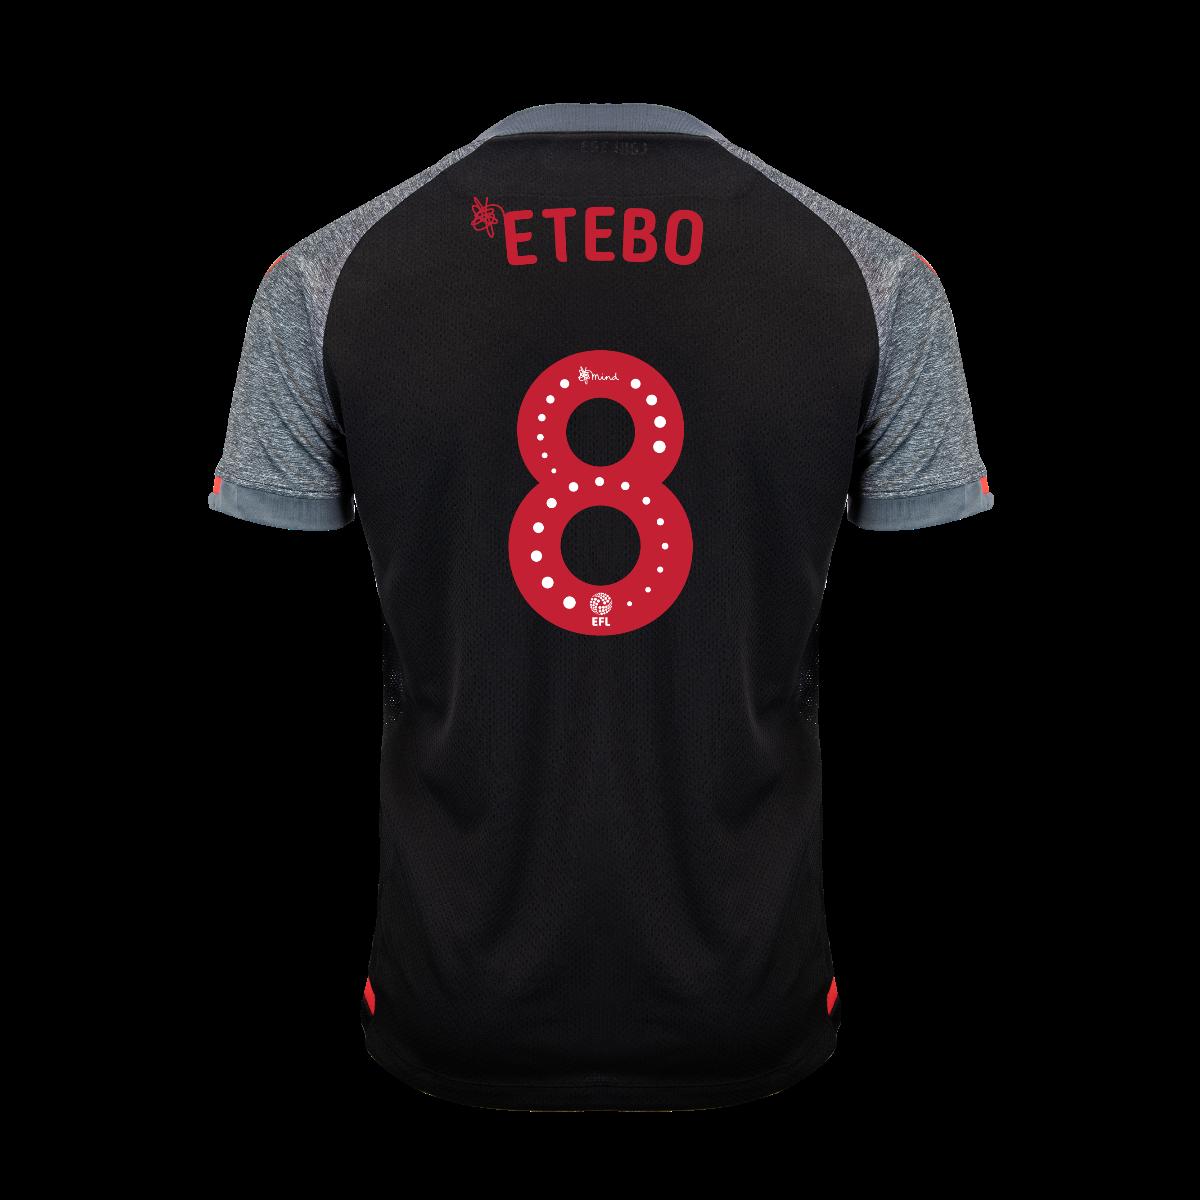 2019/20 Adult Away SS Shirt - Etebo